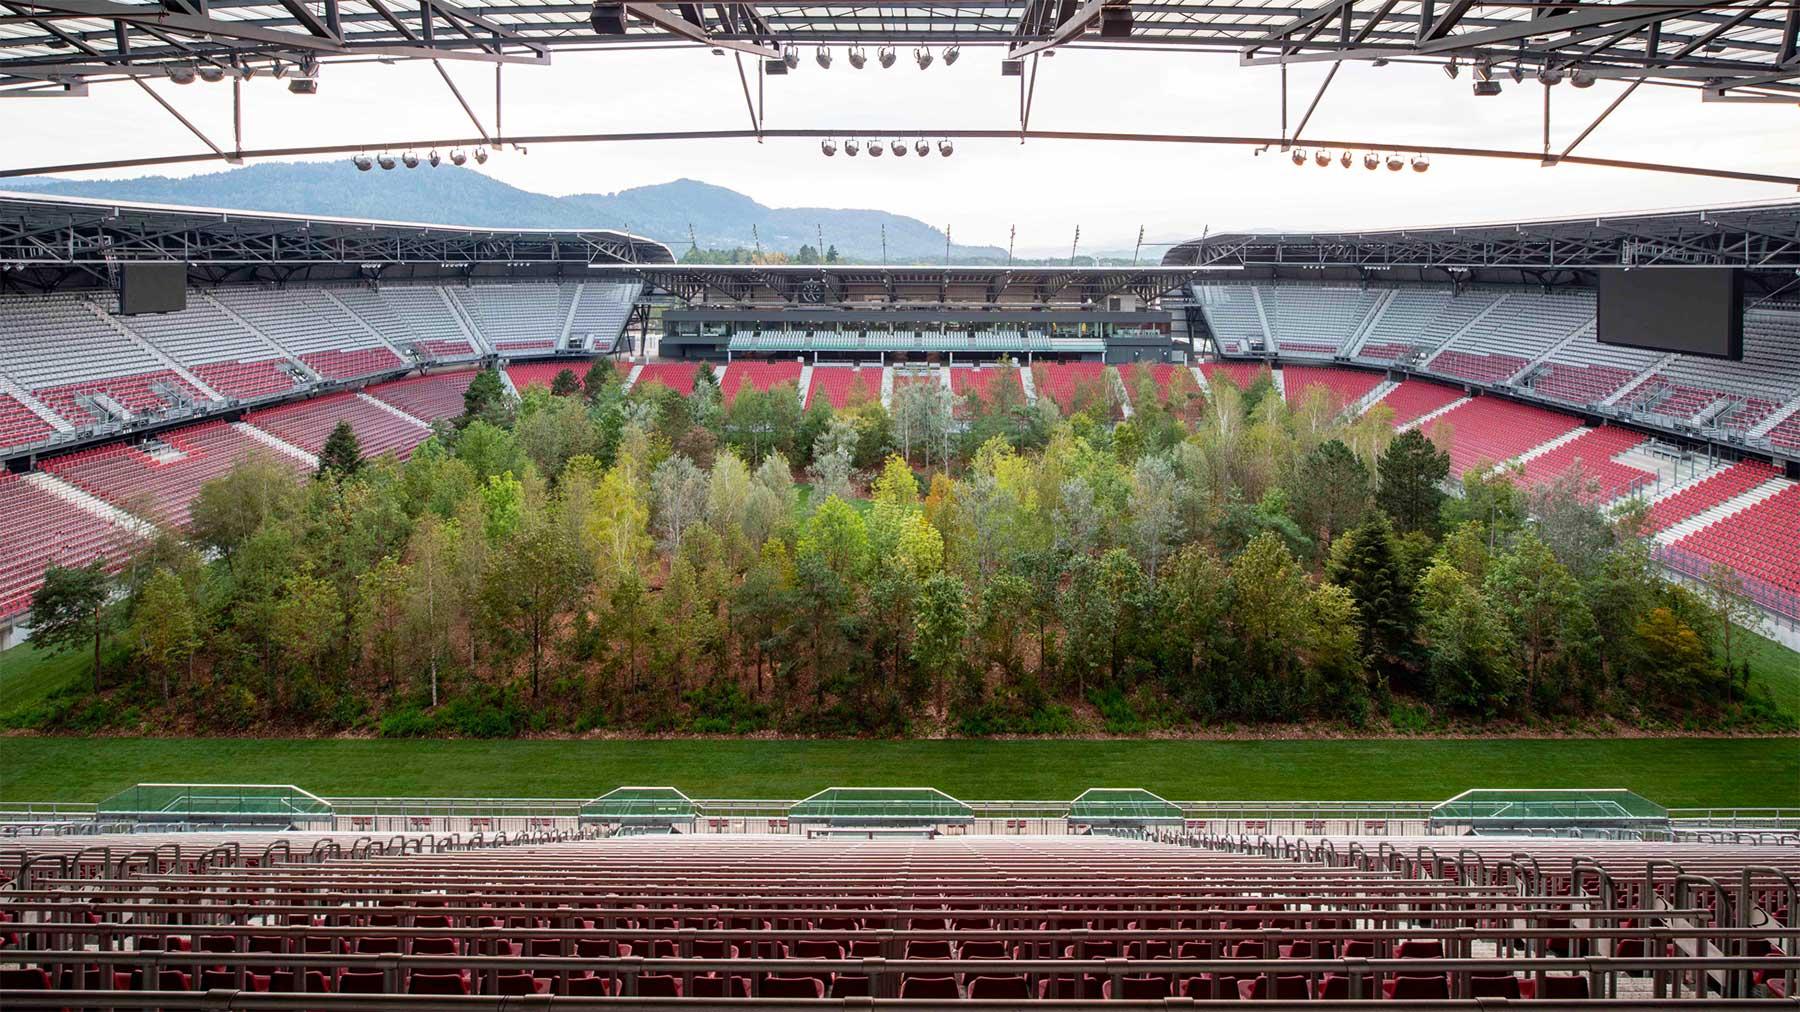 Ein Fußballstadion voller Bäume stadion-voller-baume-mit-wald_01